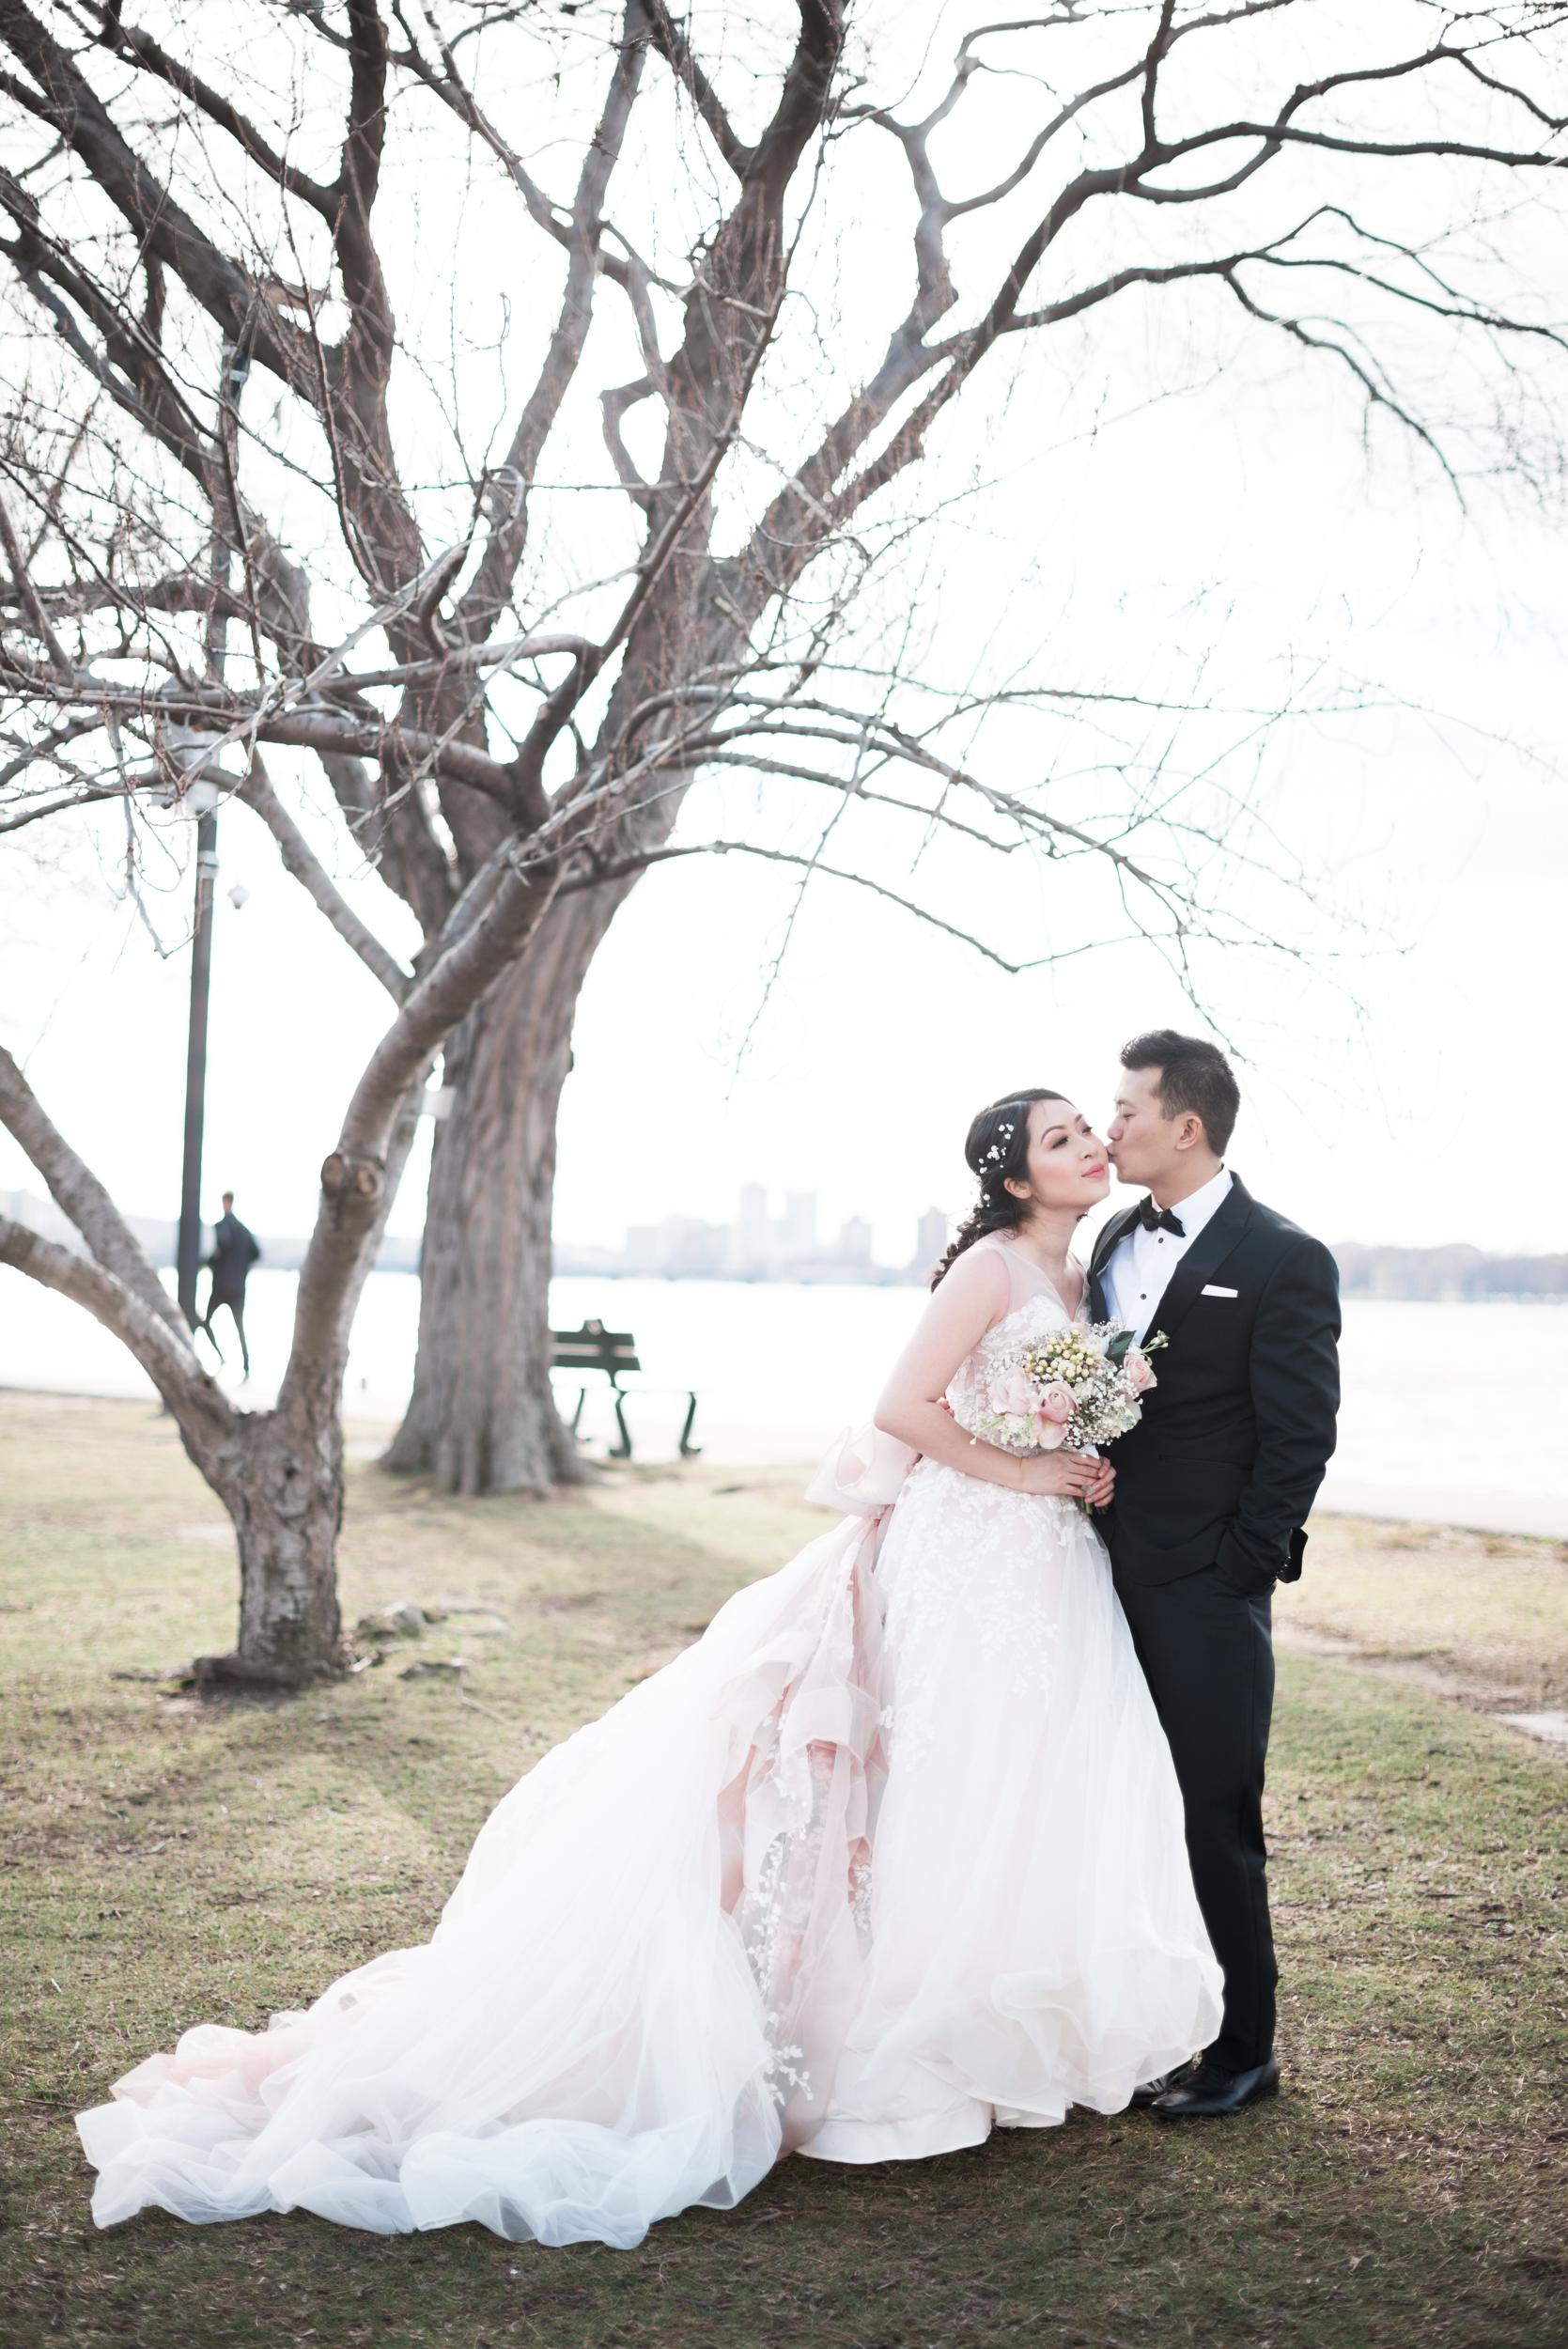 Wedding Photography in Northampton MA